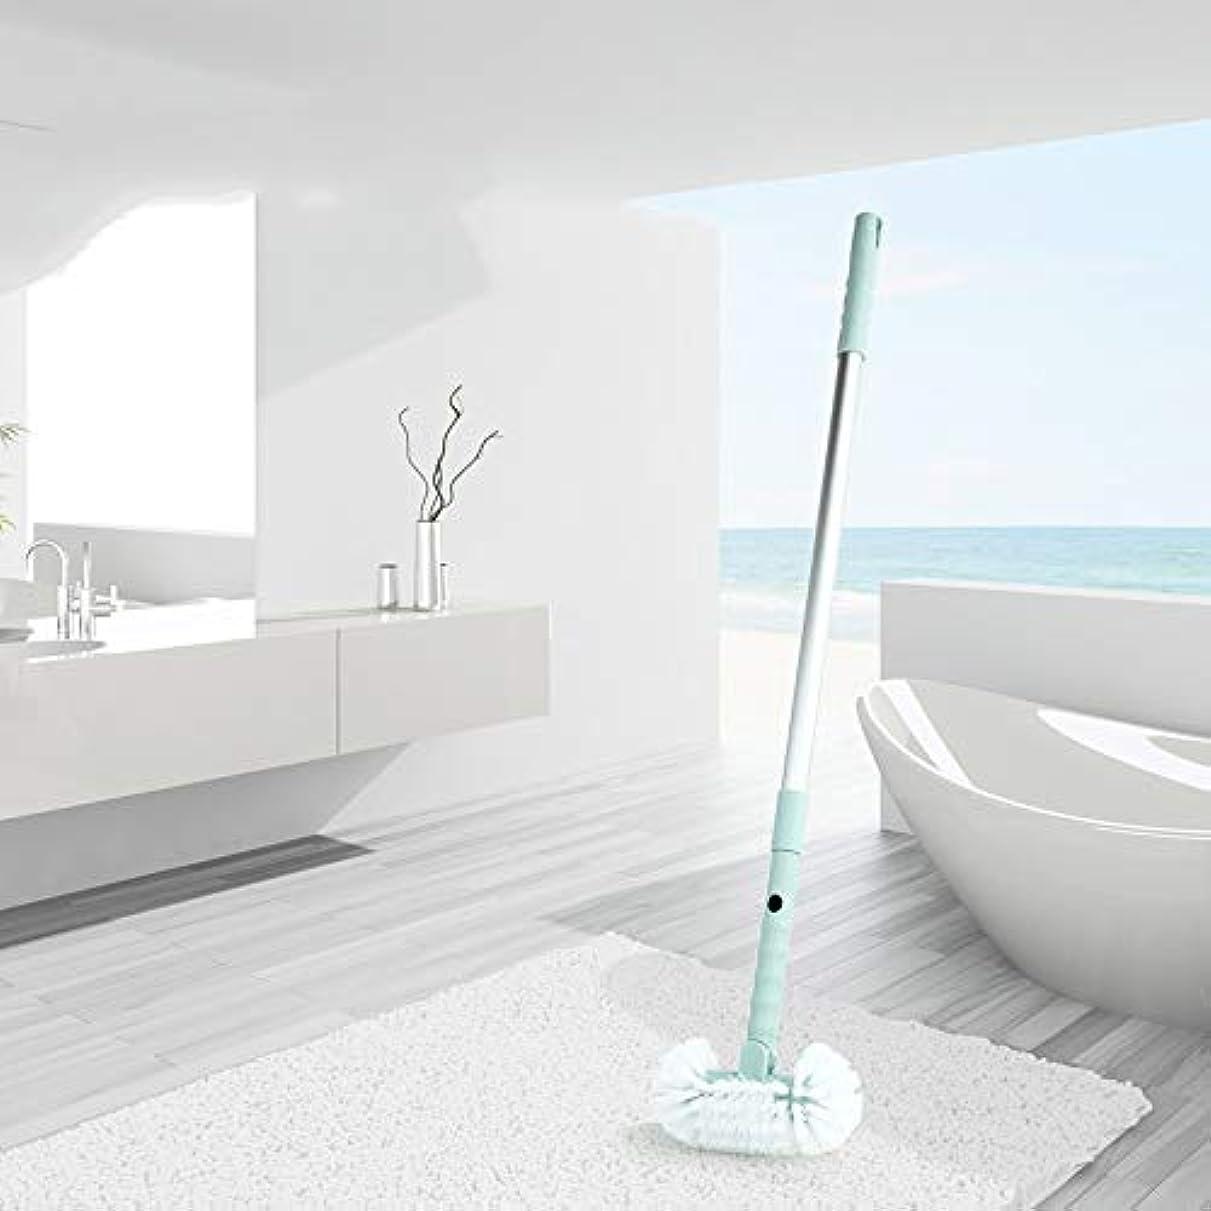 しがみつく急ぐスクラップブックポアクリーニング ホームバスルーム引き戻し可能なハードブラシトイレ浴室バスタブフロアクリーニングブラシ マッサージブラシ